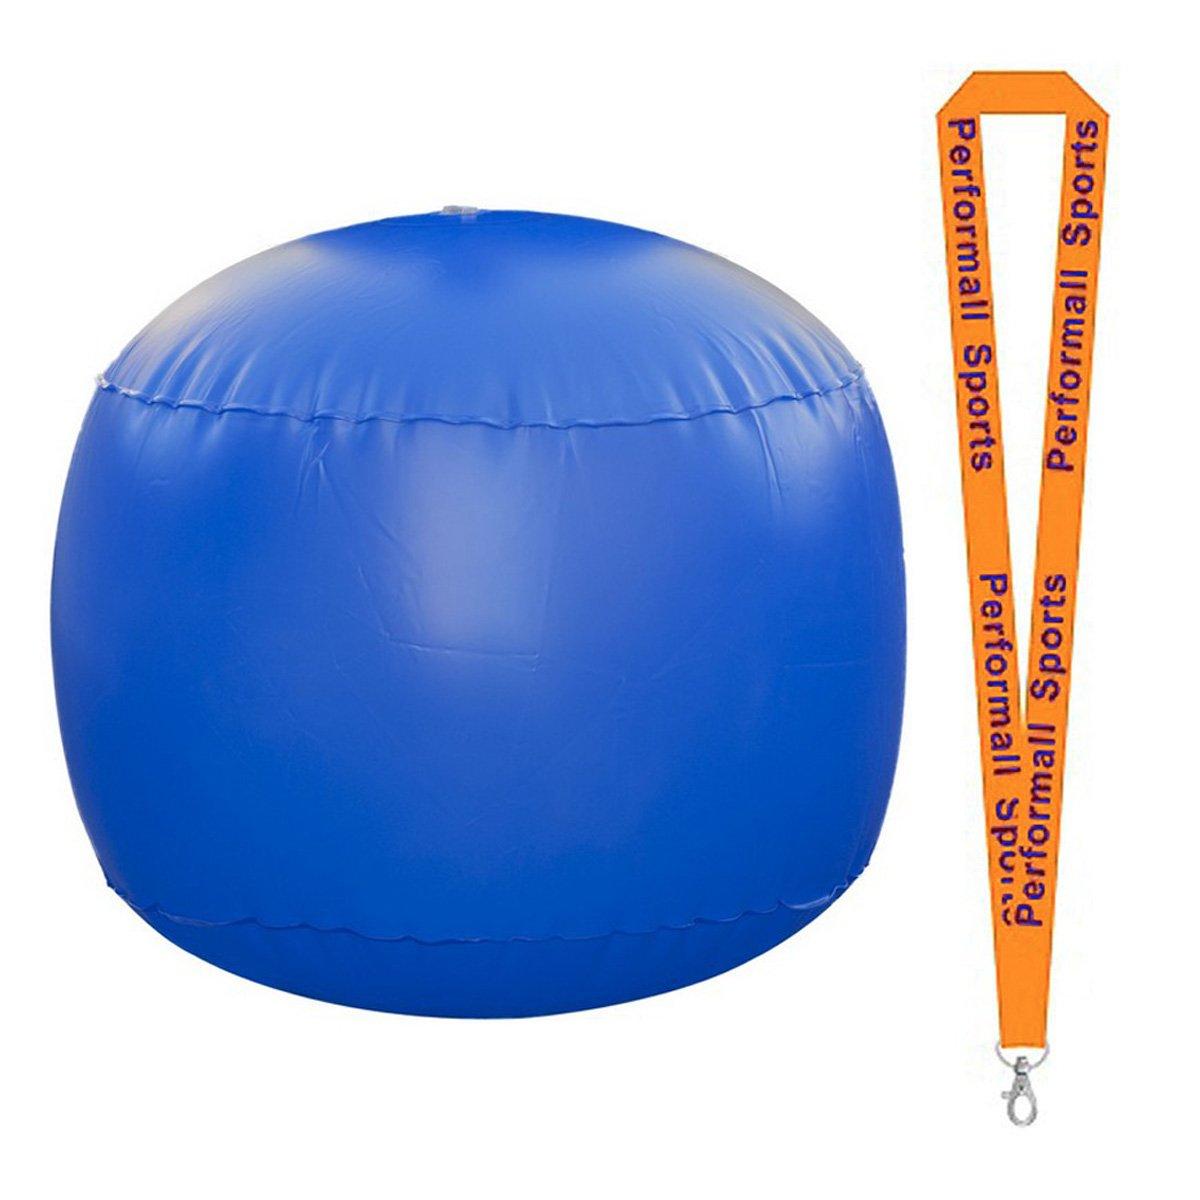 Championスポーツケージボール膀胱Assorted色とサイズwith 1 performall 18-inch performall Lanyard B01FSZ8A58 1 18-inch, 首輪とキーホルダーのパーツのお店:1f3160de --- harrow-unison.org.uk